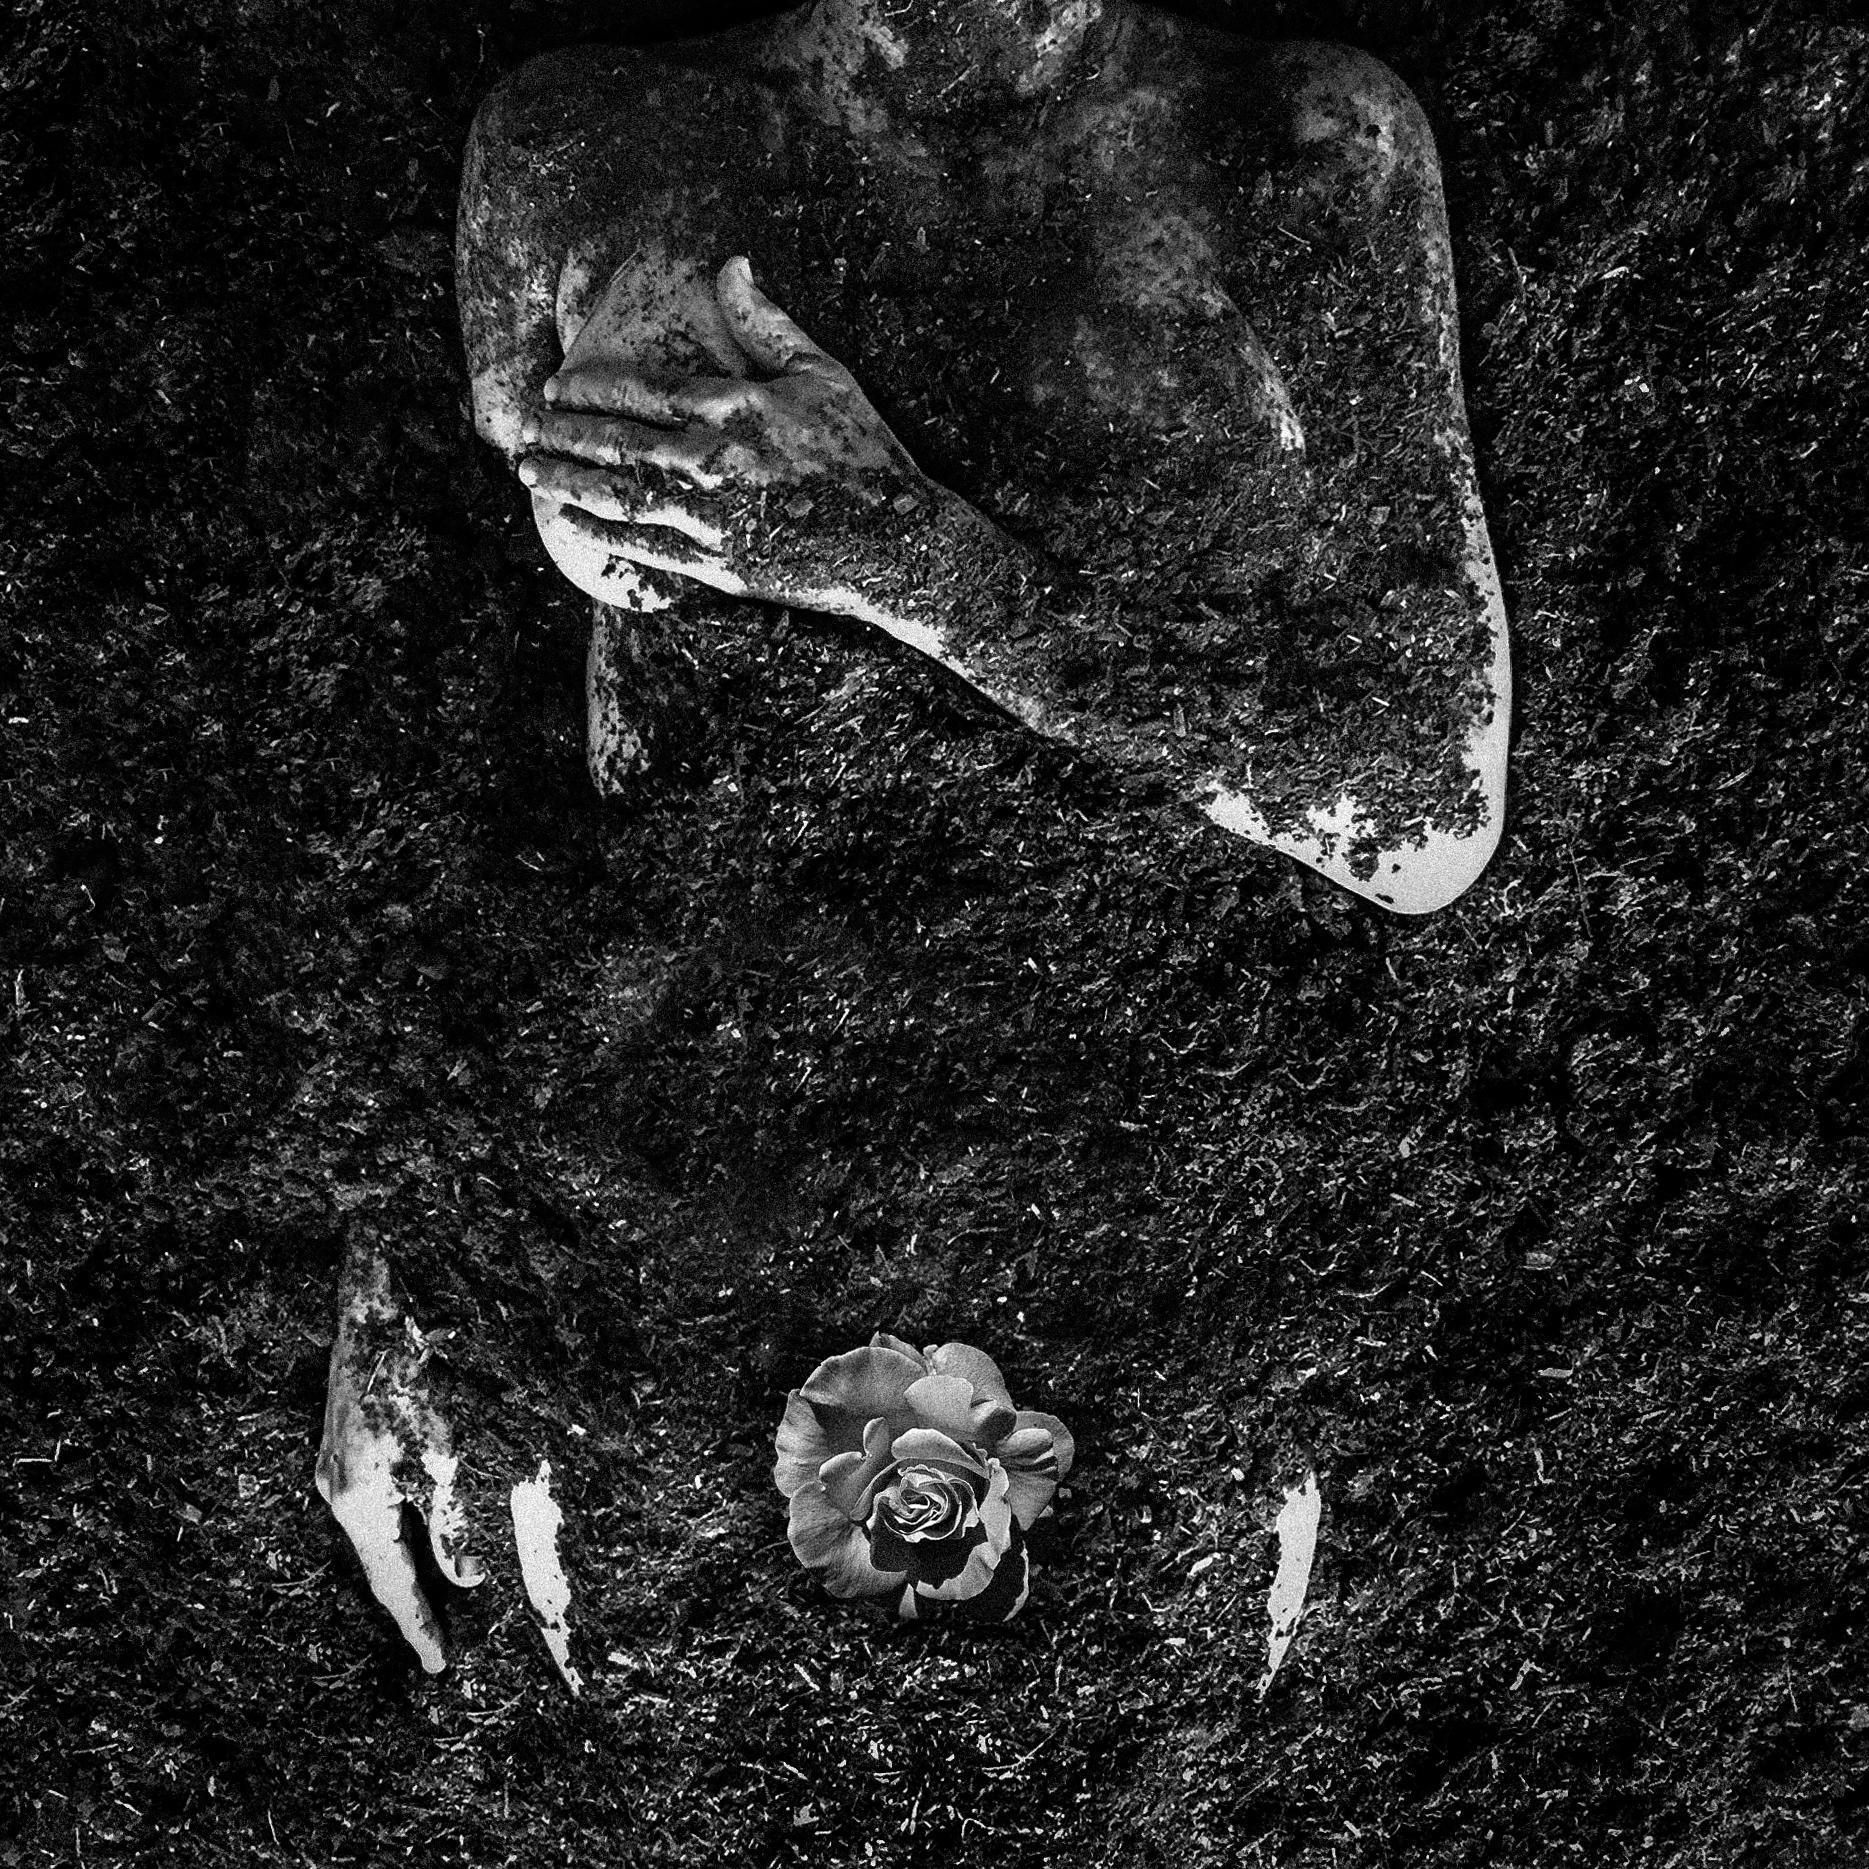 Dirt Body Rose_001_Nov_LR.jpg